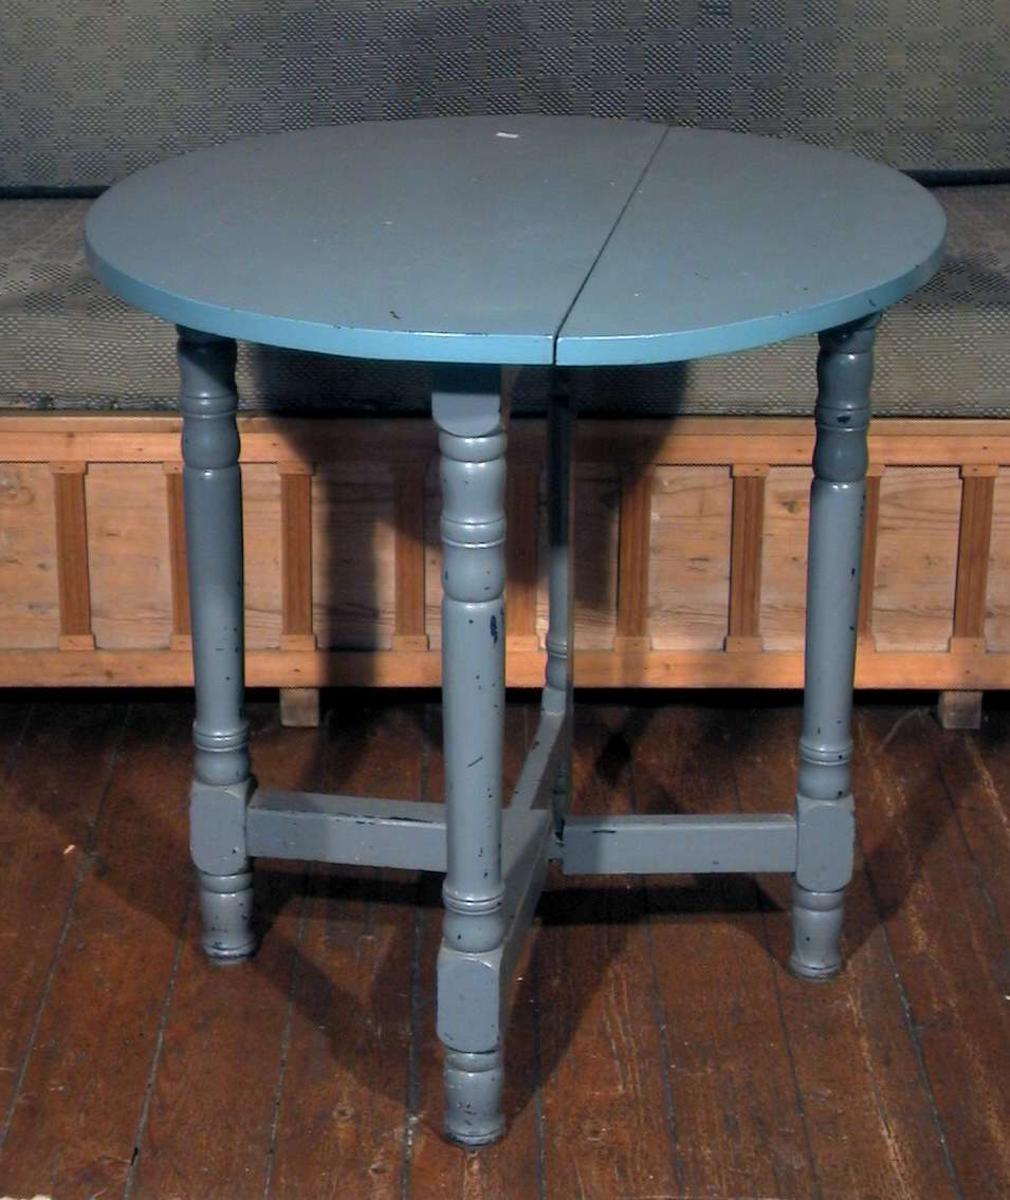 Rundt klaffebord med fire ben og benforsterkning. Bordet er bondeblått.